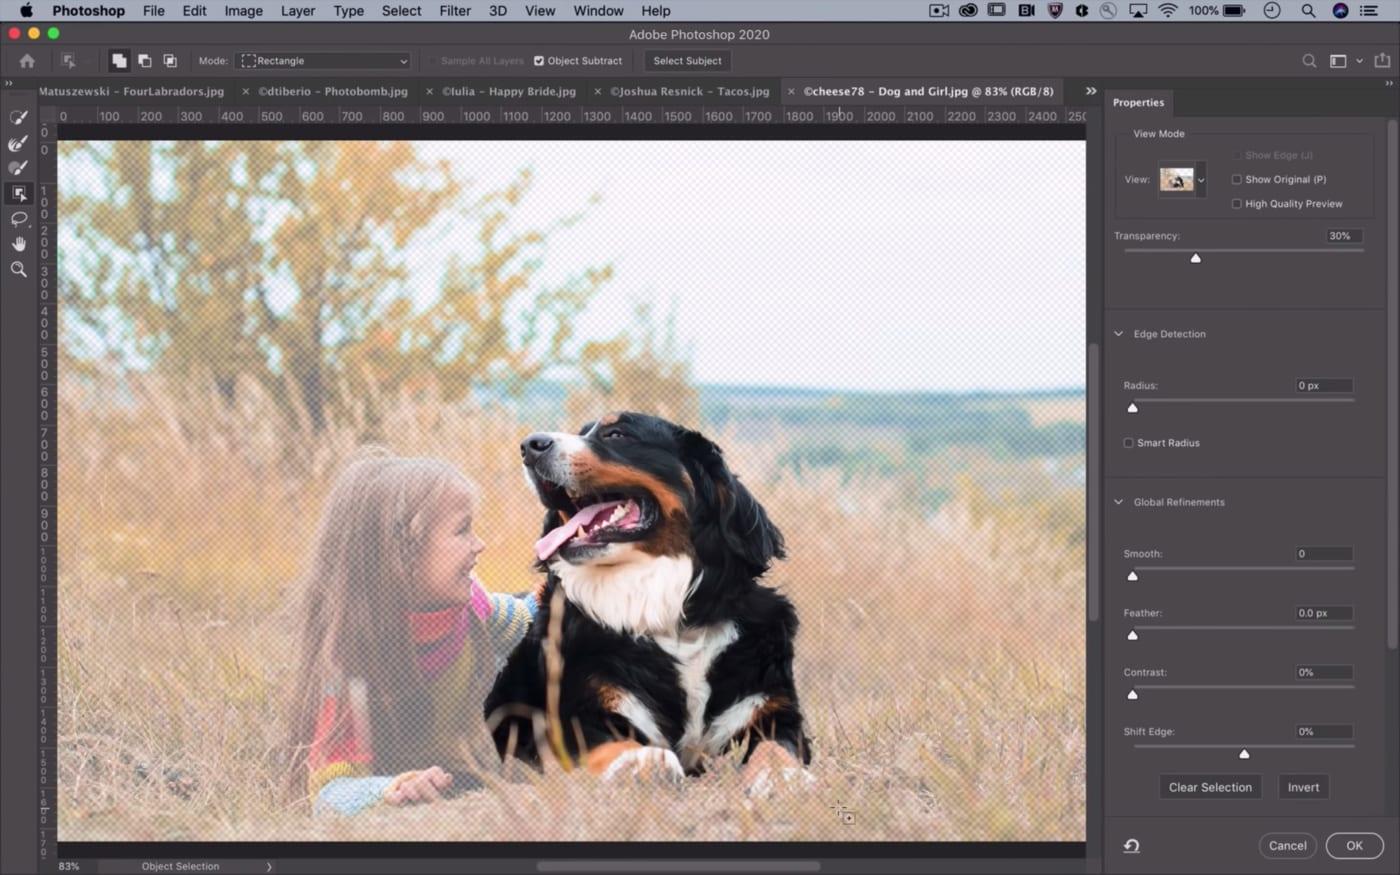 AI mới của Photoshop giúp tự động tạo vùng chọn của vật thể trong ảnh với  độ chính xác cực cao - VnReview - Tư vấn